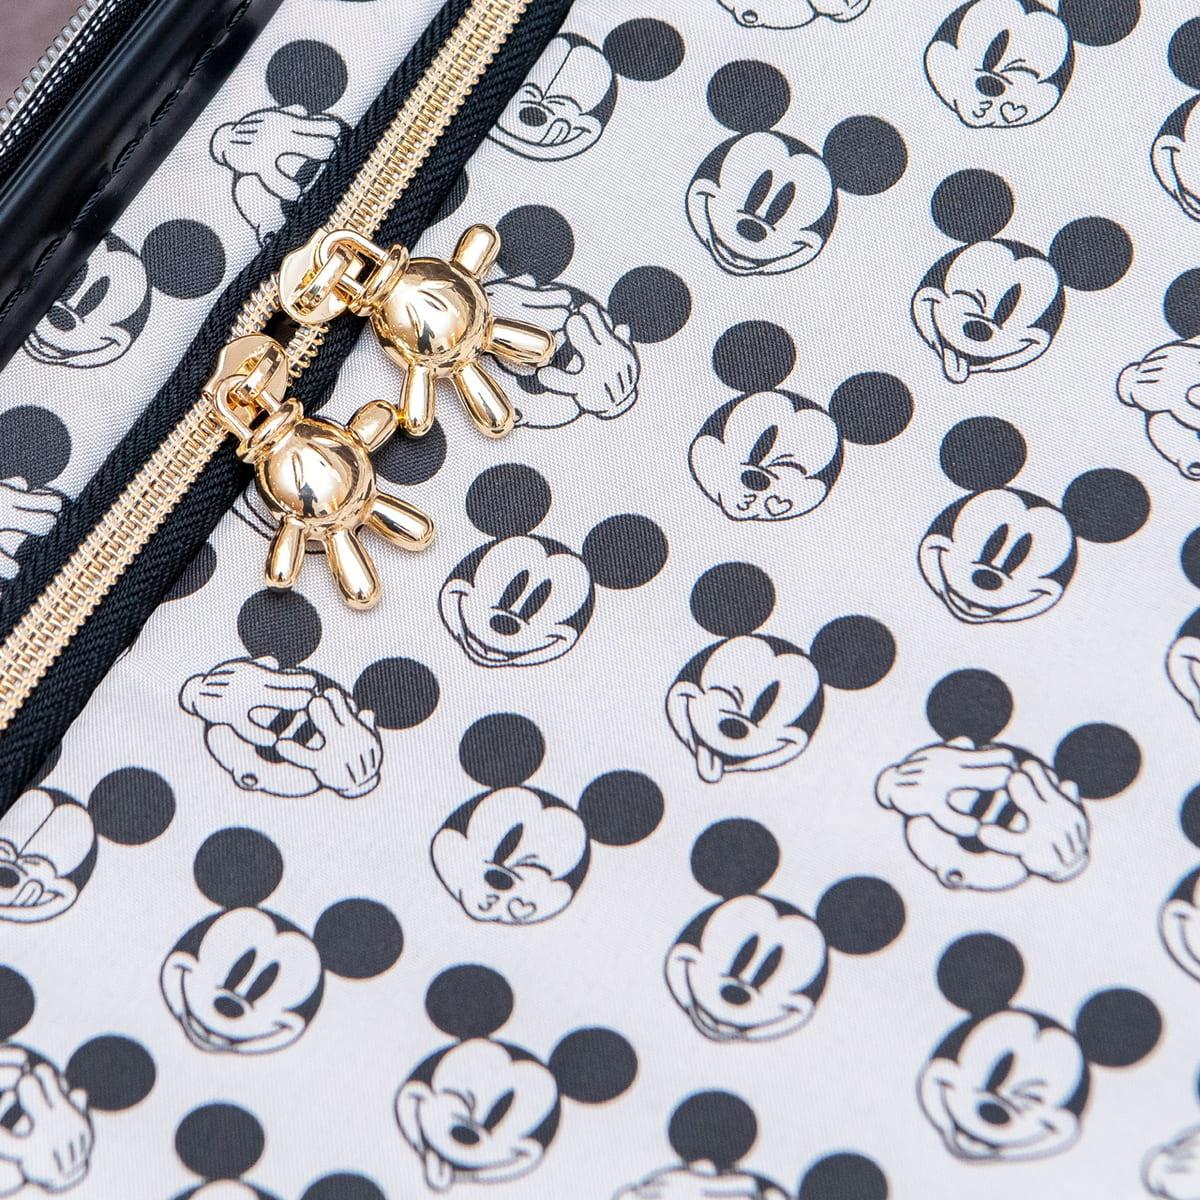 シフレ ディズニー「ミッキーマウス」スーツケース ブラック ファスナー